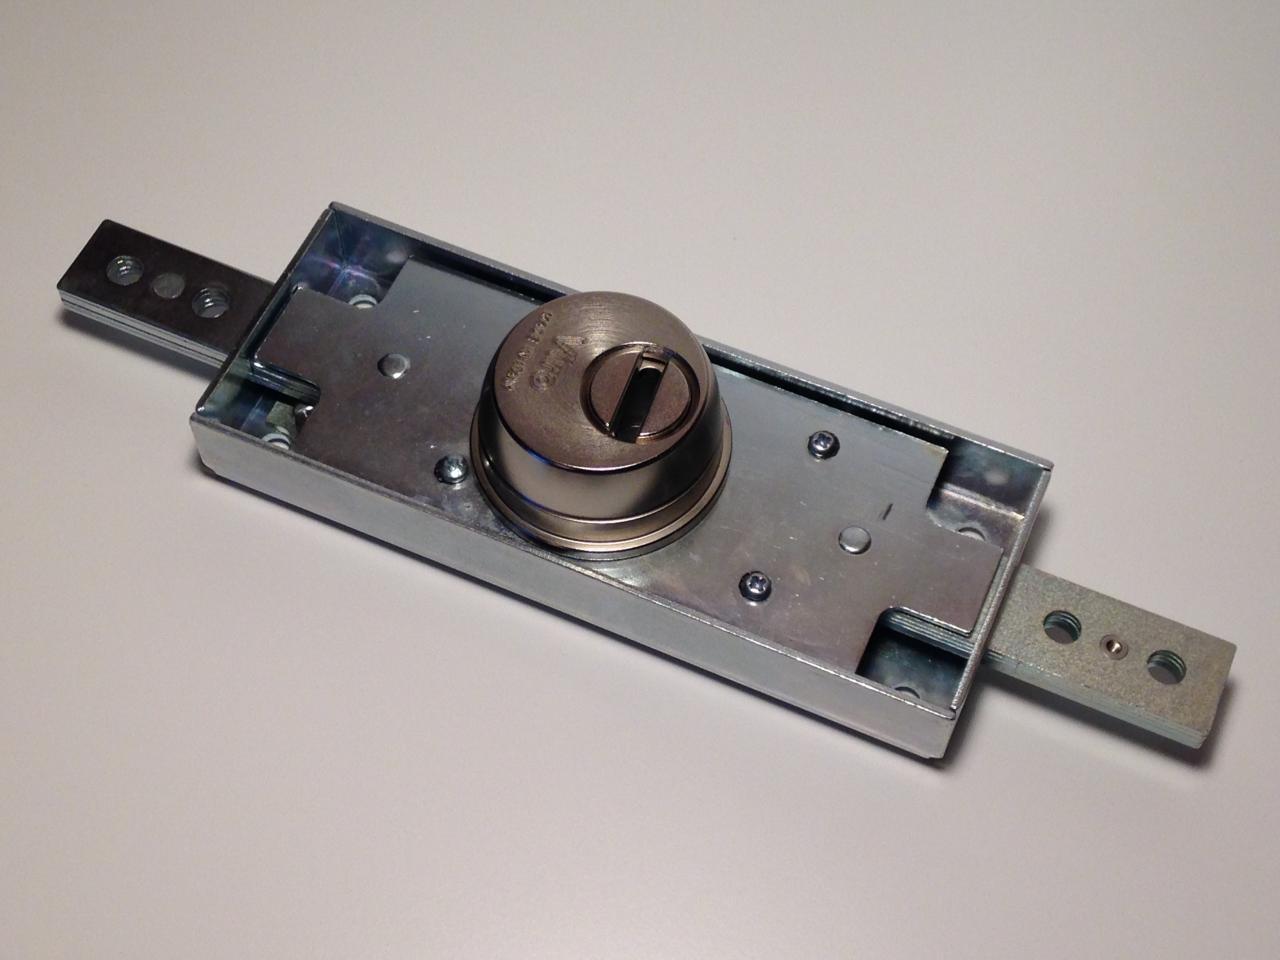 Serrure pour rideaux metalliques viro 8271 for Changer serrure porte garage